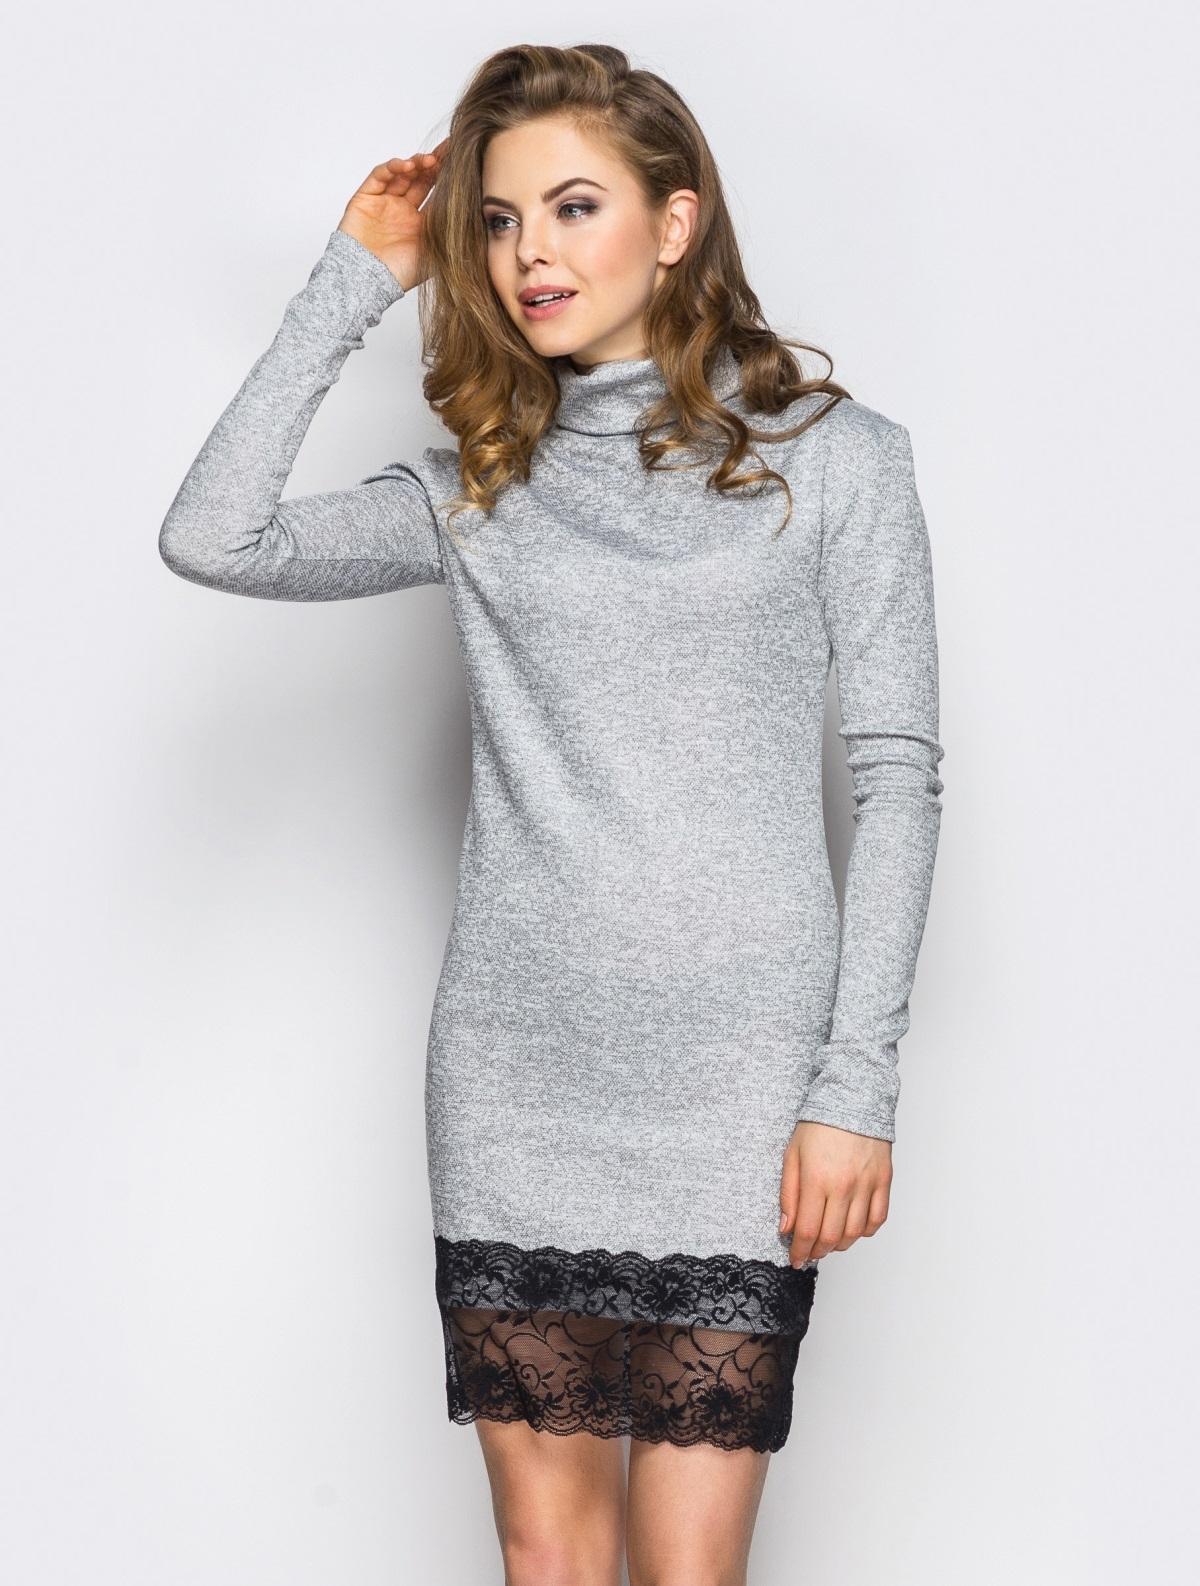 Серое трикотажное платье с кружевной оборкой - 13462, фото 1 – интернет-магазин Dressa